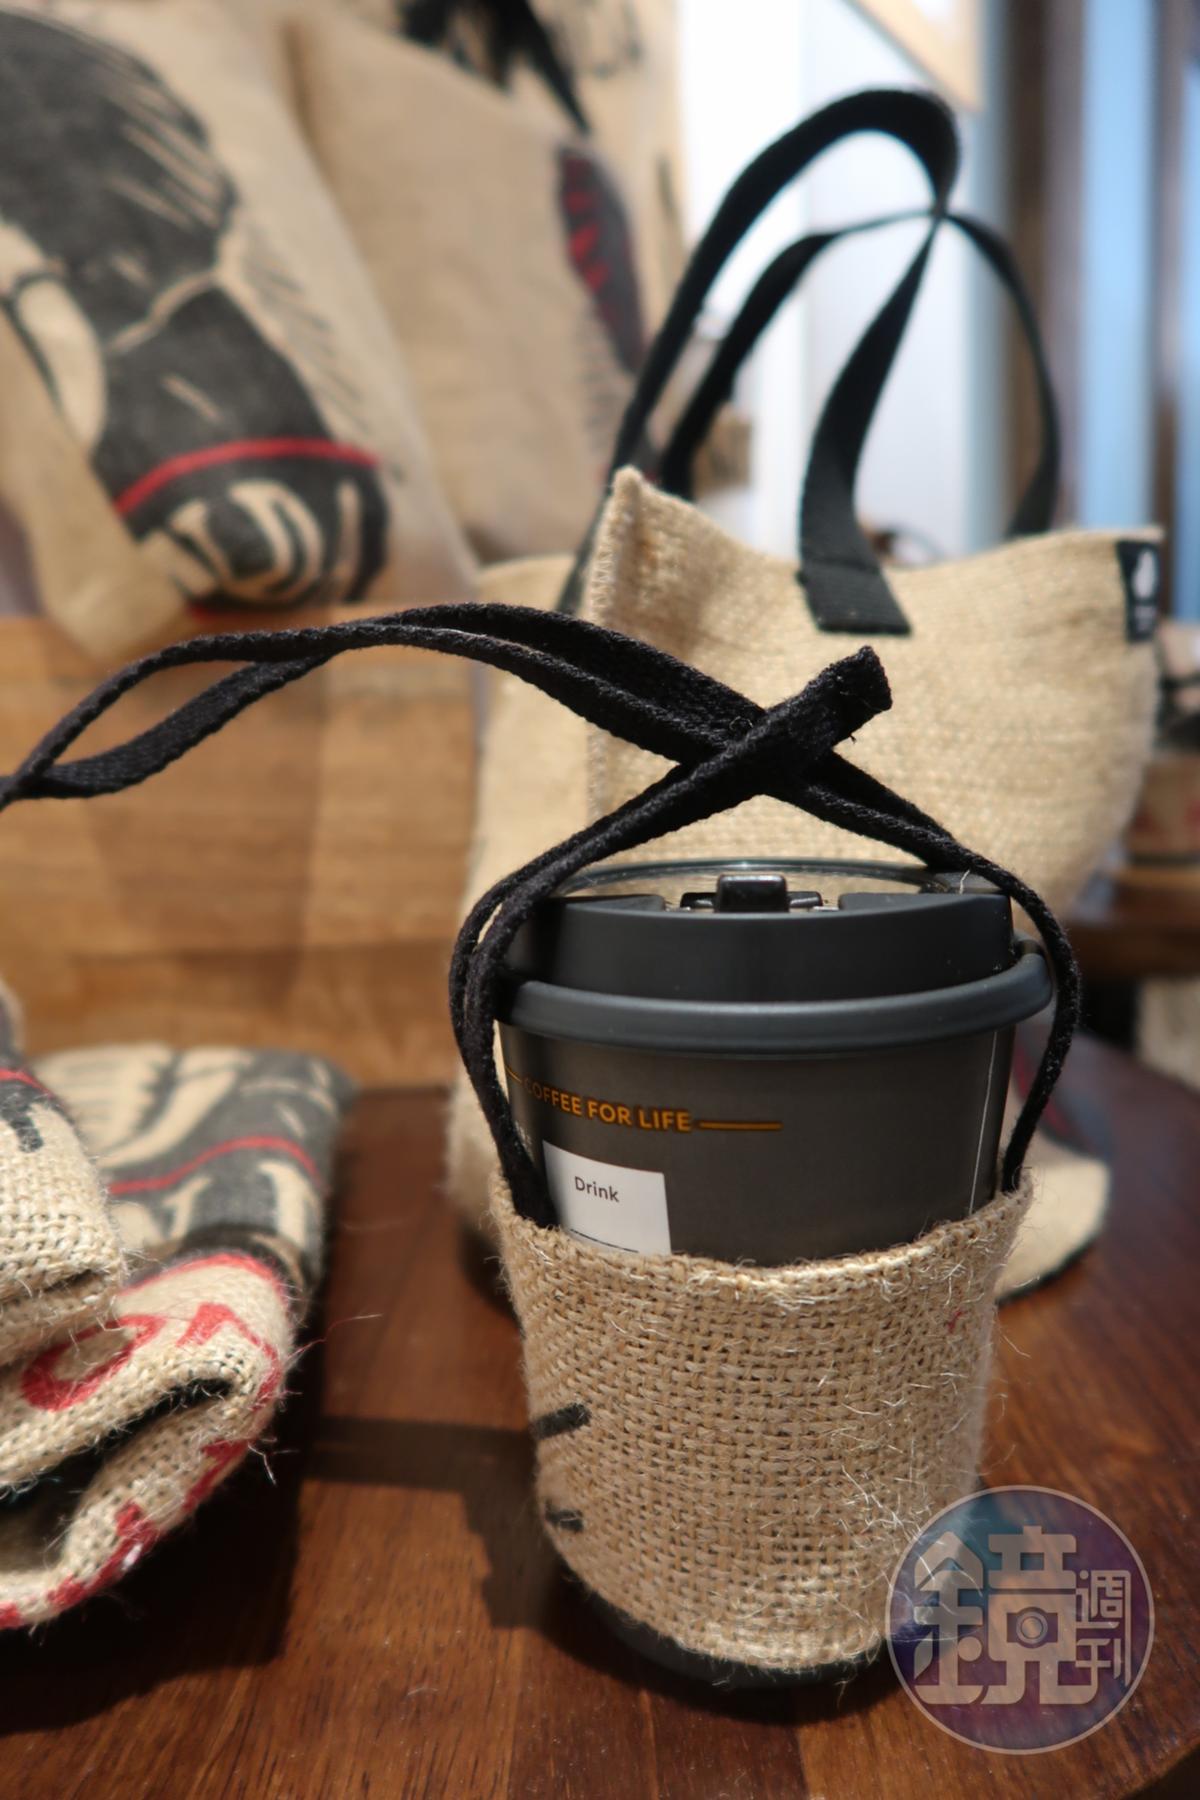 蘆葦女力基金以咖啡麻布袋設計外帶杯提帶。